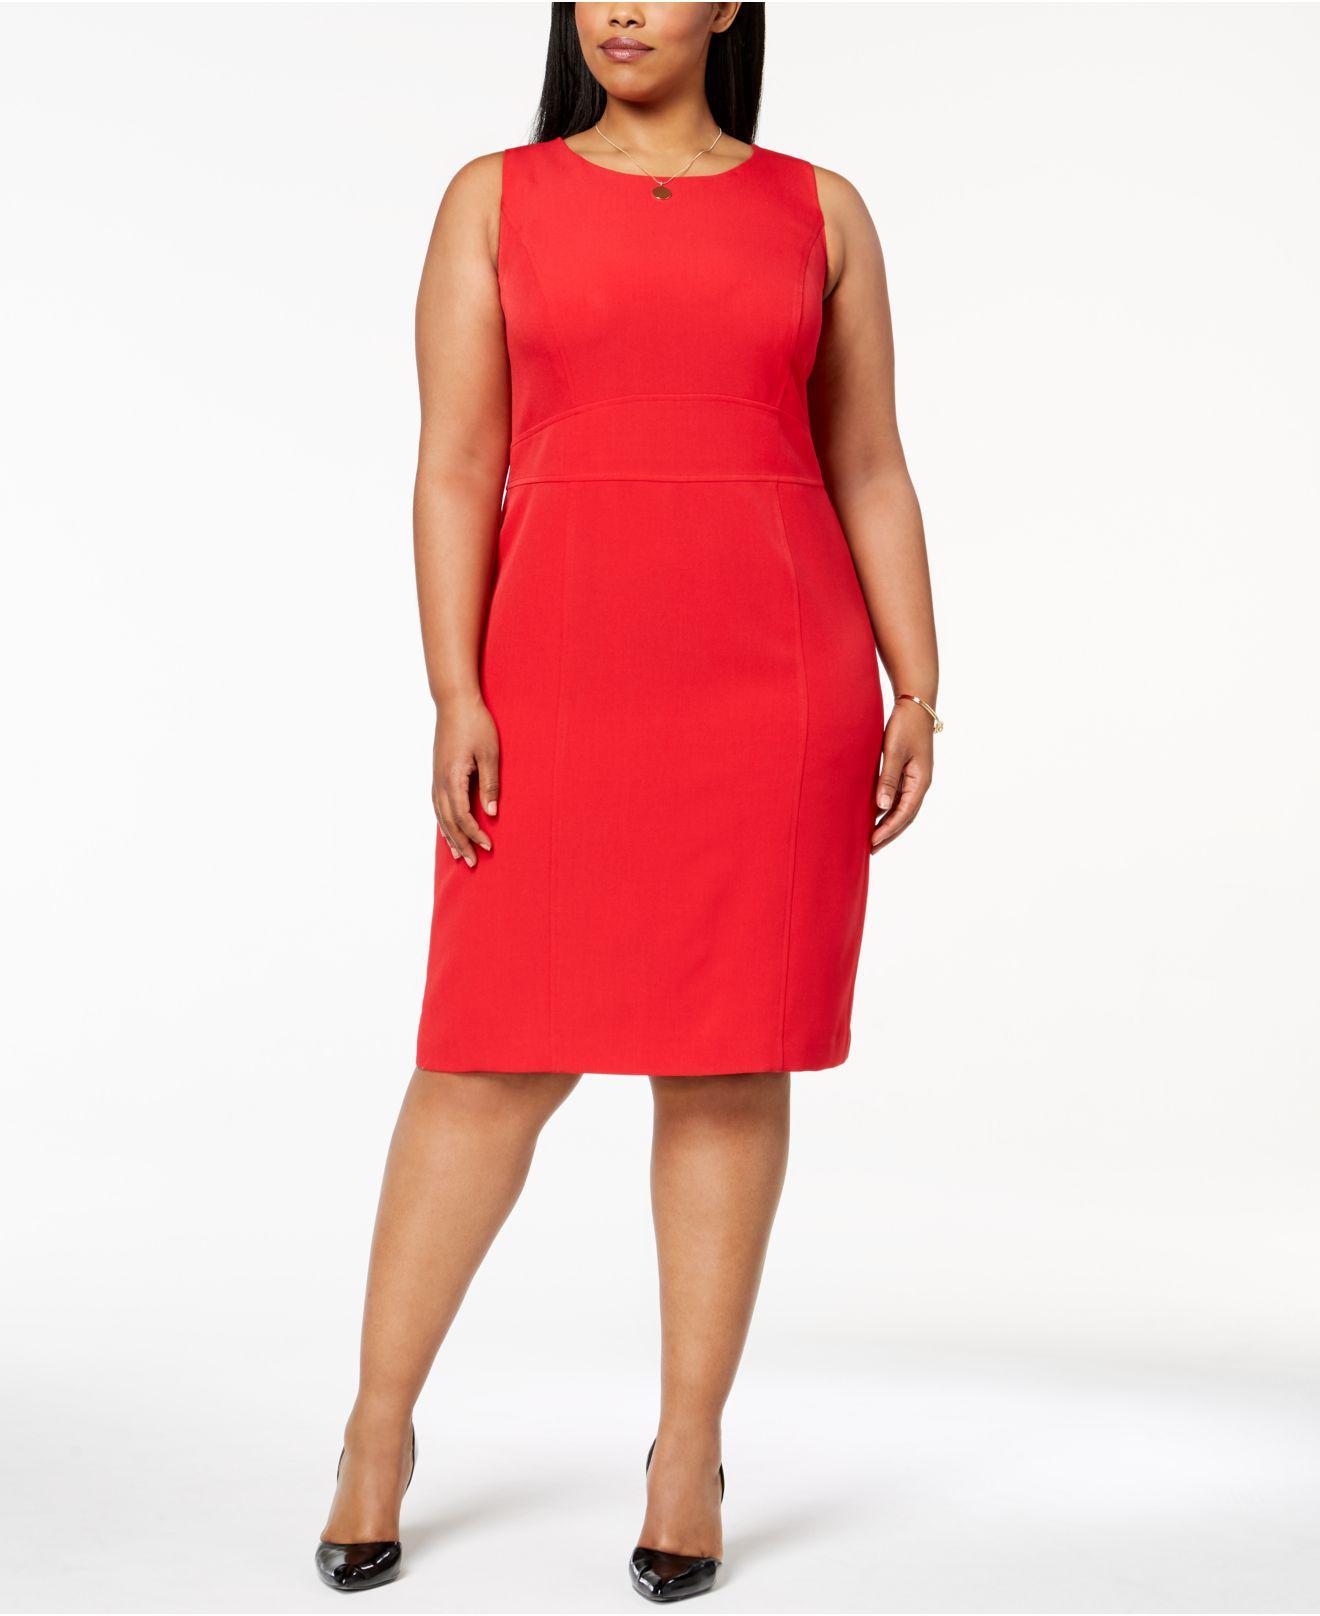 8c16e871e9 Lyst - Kasper Plus Size Stretch Crepe Sheath Dress in Red